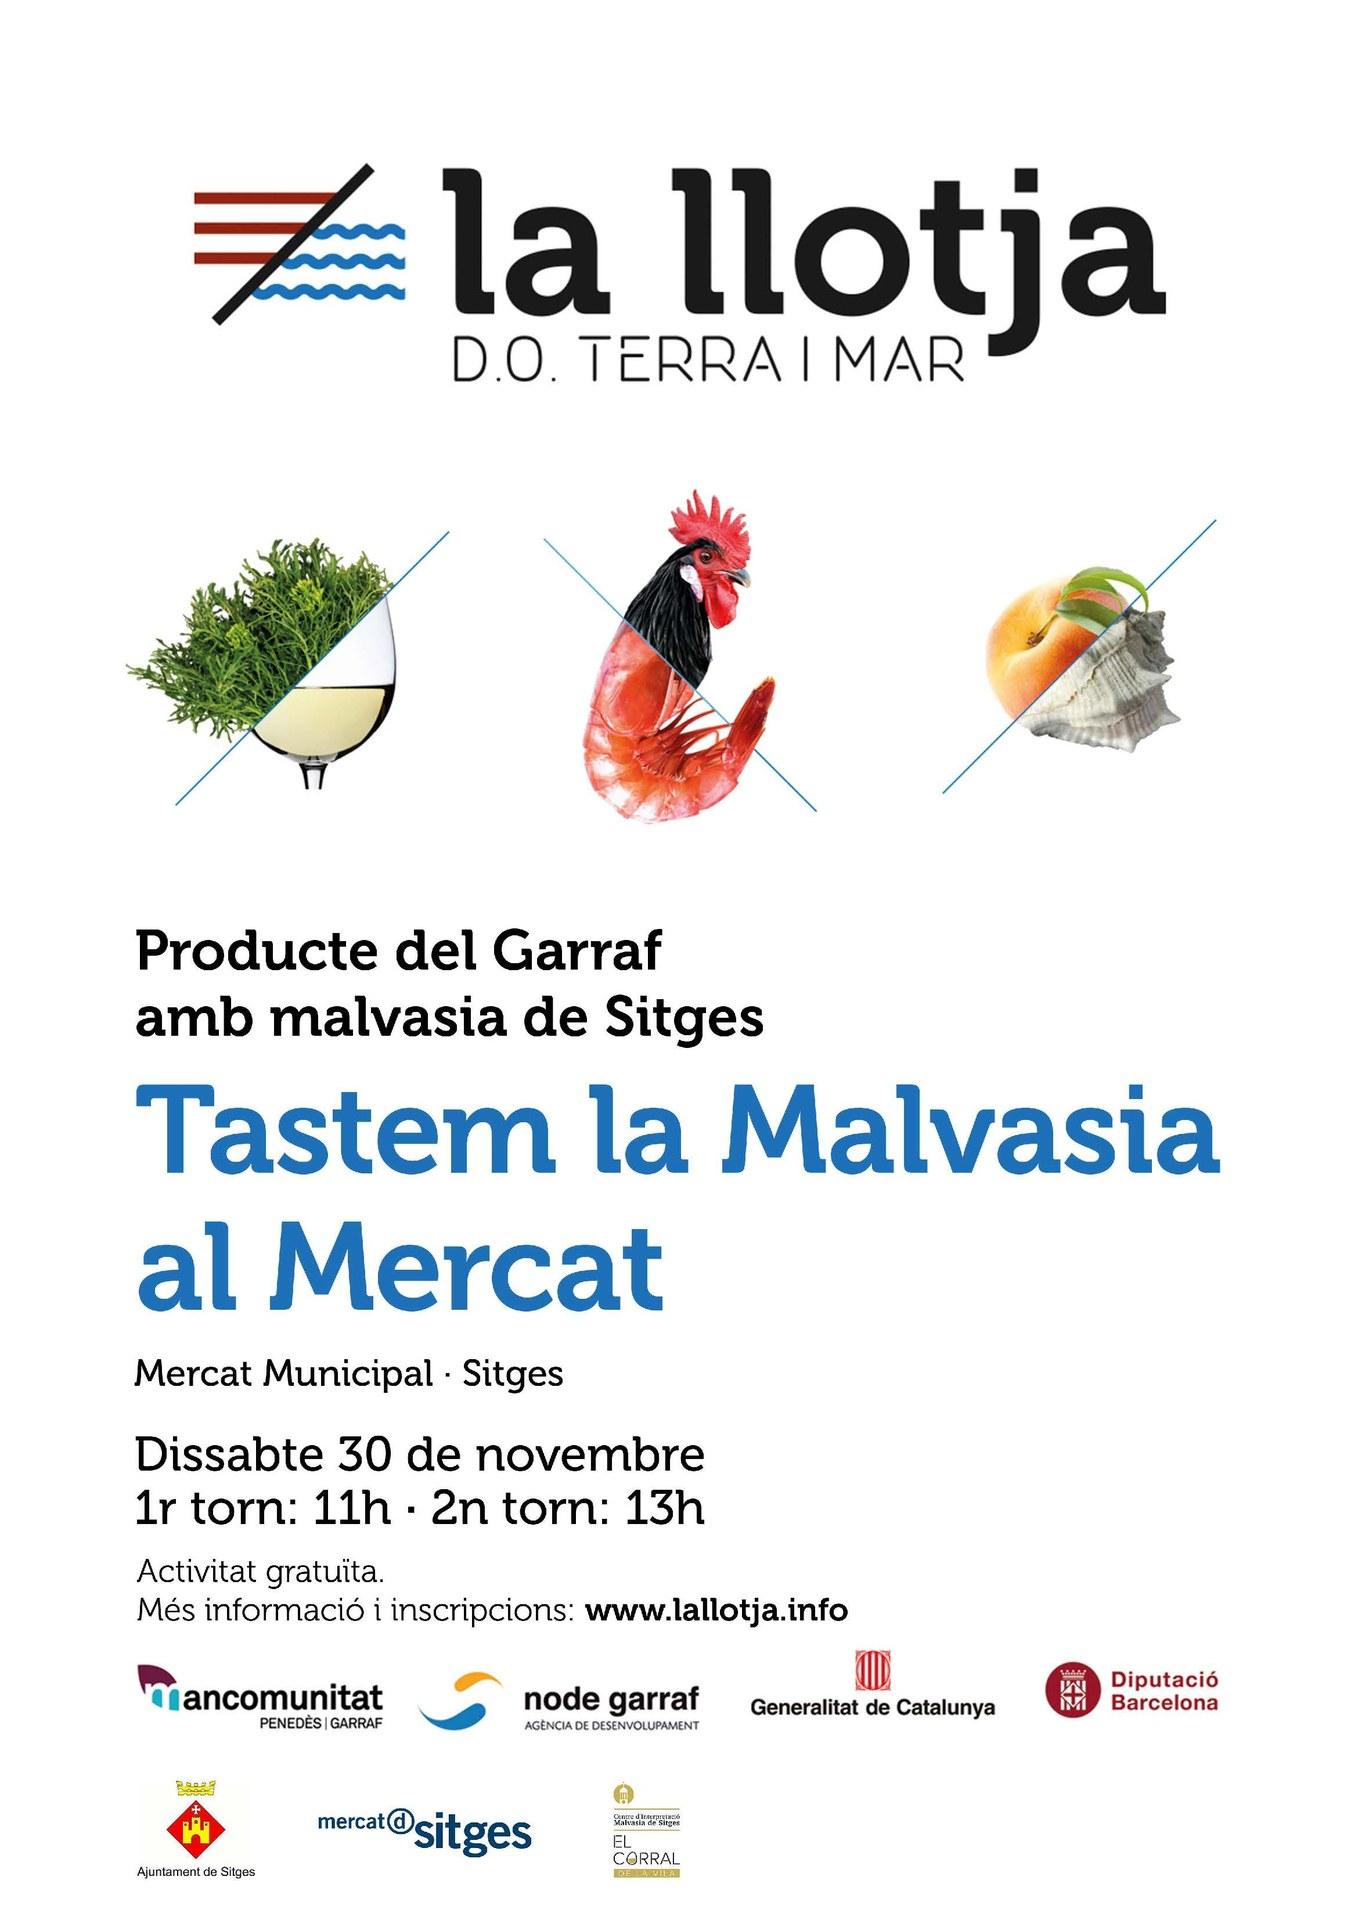 L'Associació de Paradistes del Mercat Municipal organitza dissabte un tast de Malvasia de Sitges